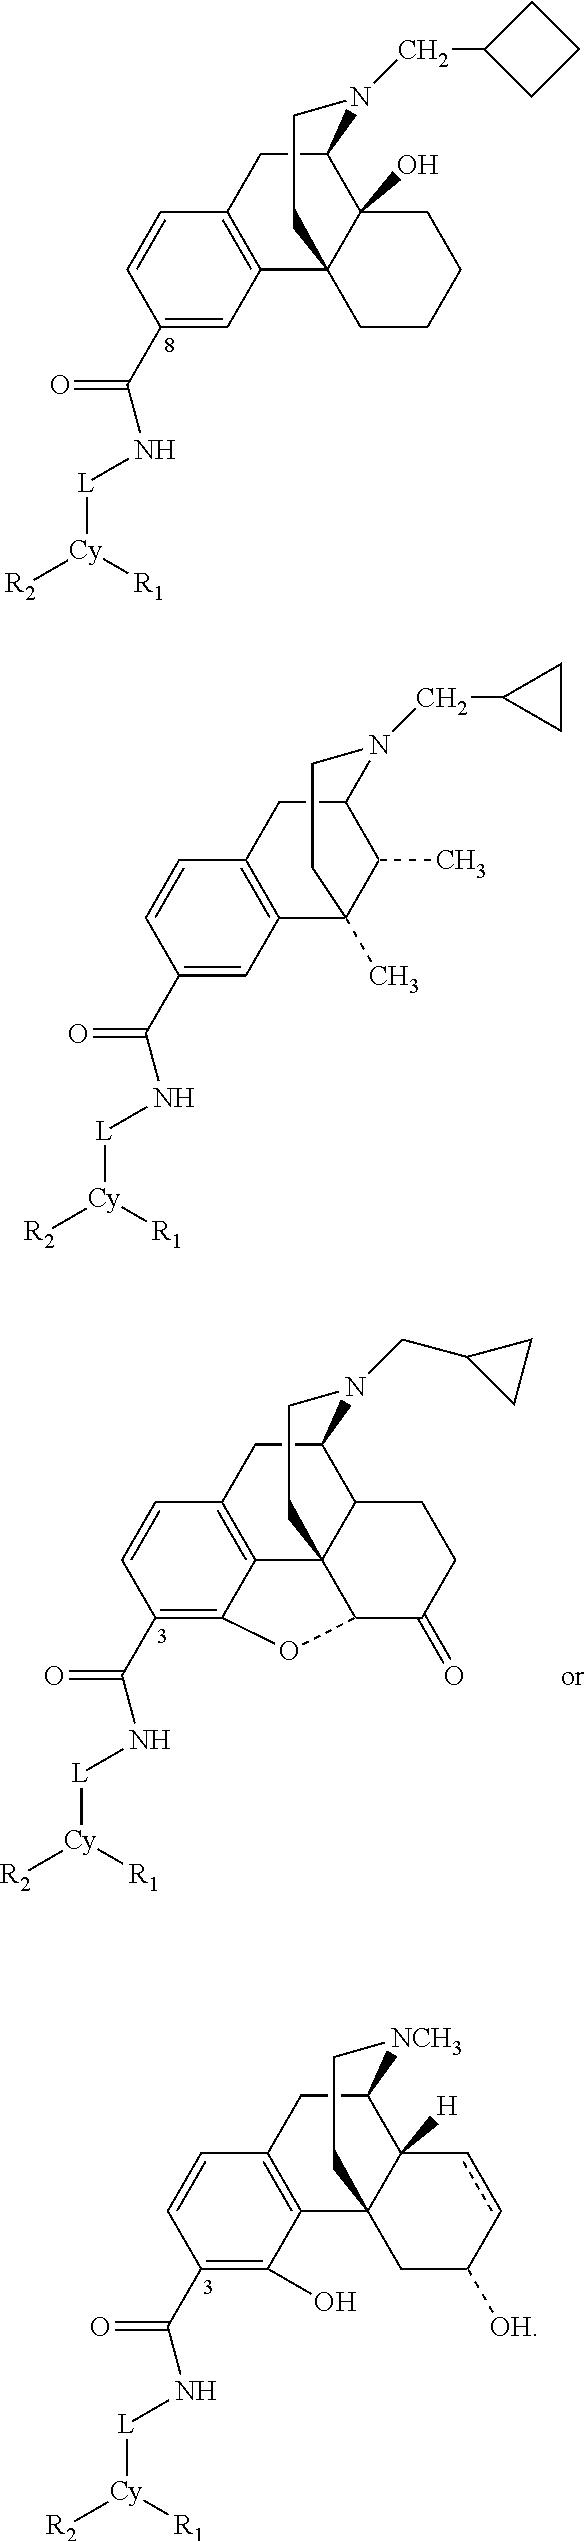 Figure US08957085-20150217-C00089